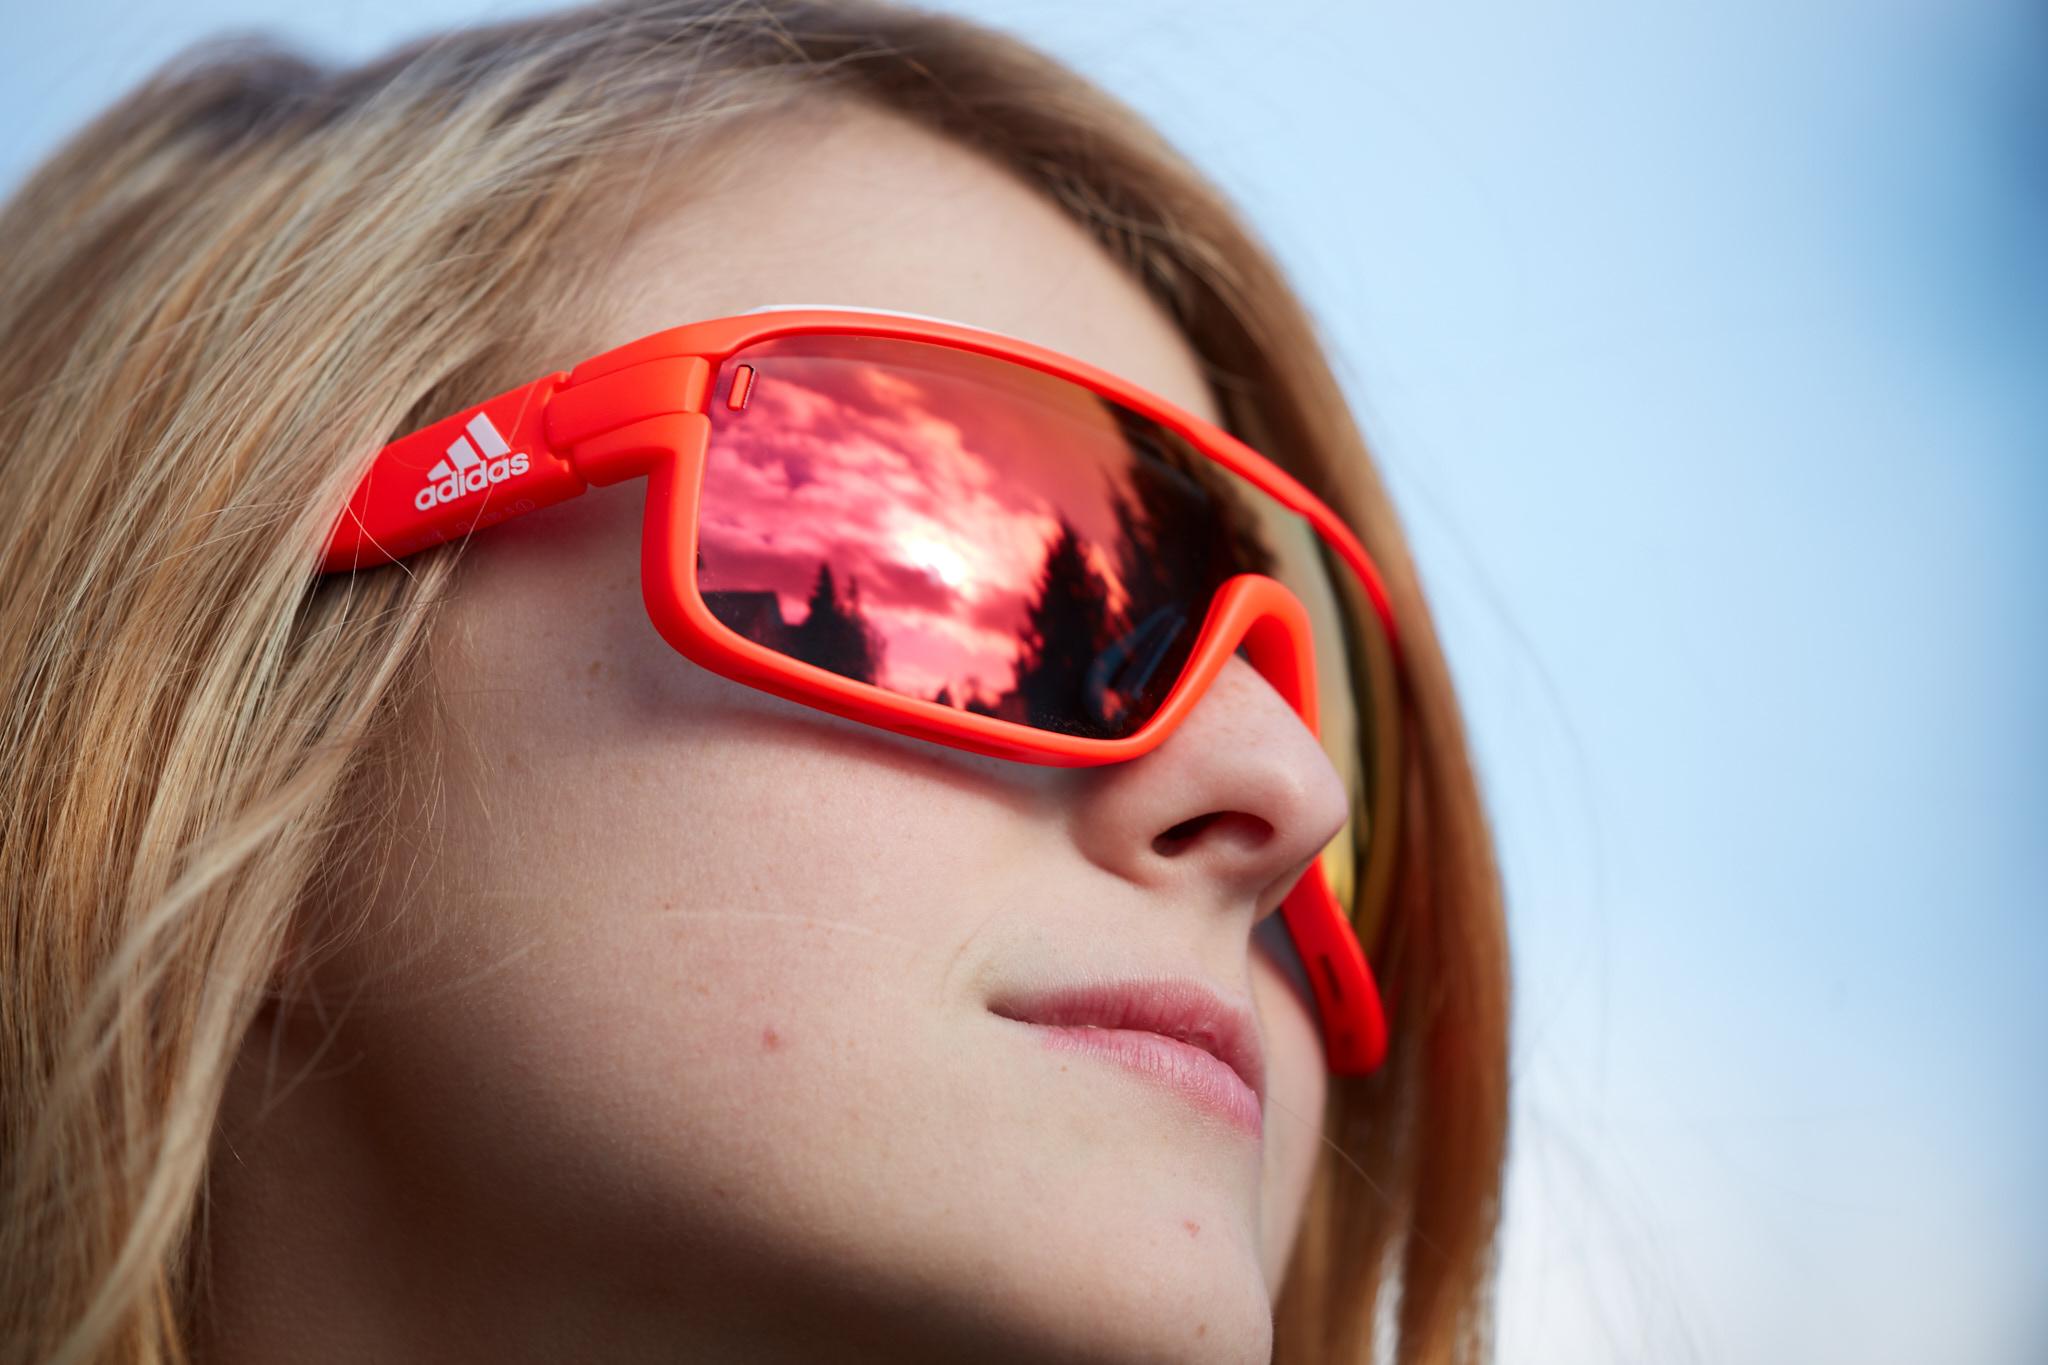 Impulso pared Teoría de la relatividad  Schlummern Western Draussen adidas eyewear zonyk pro Keil Bundesweit  Ausführung